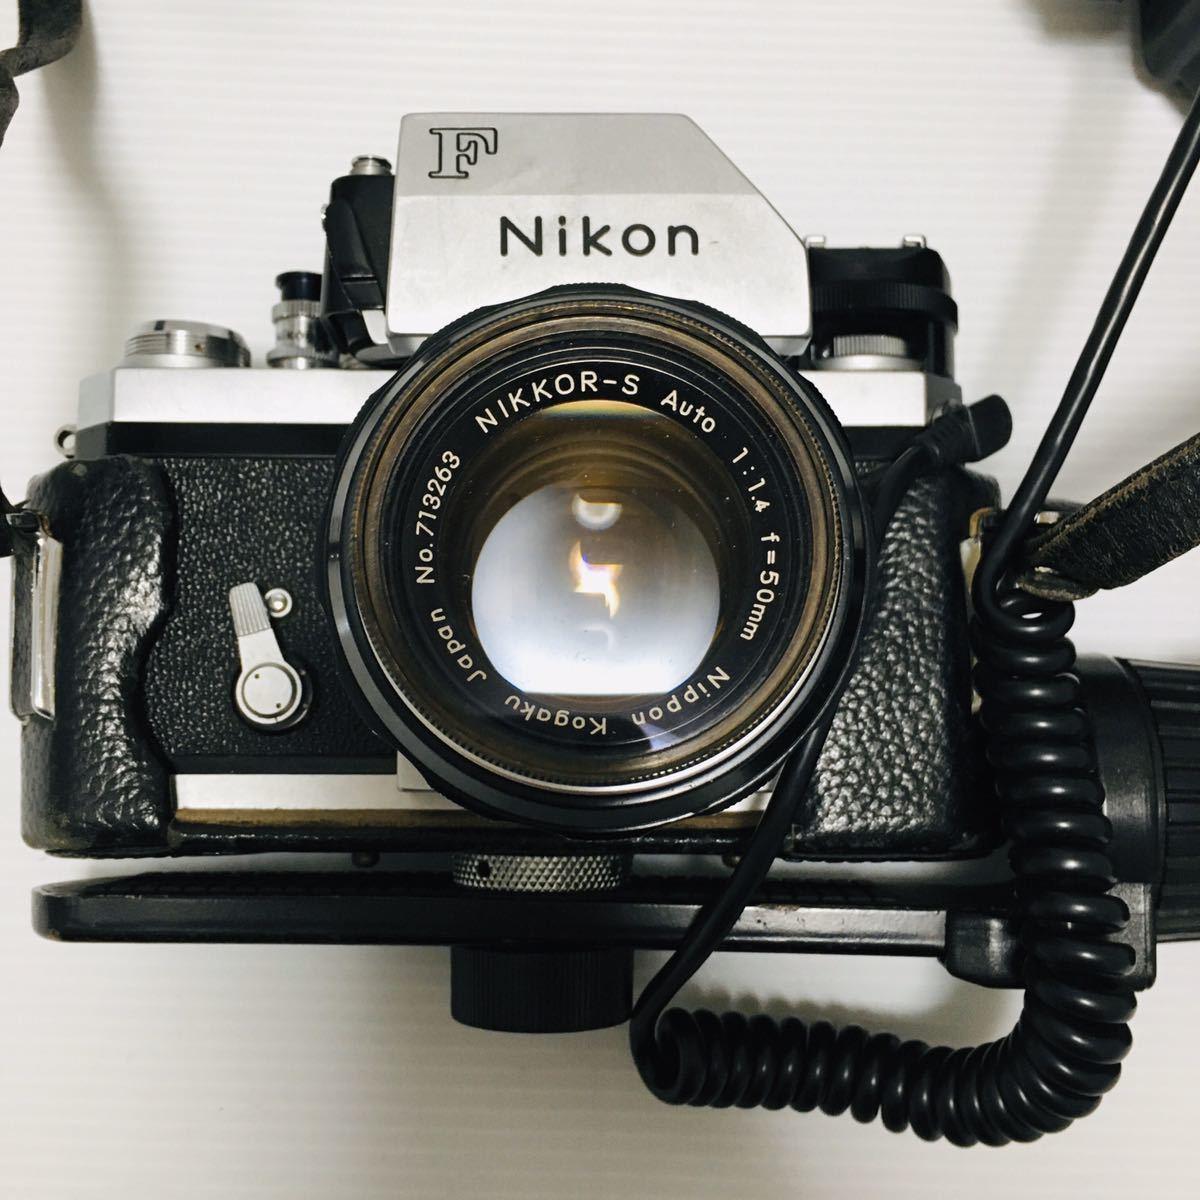 【動作未確認】Nikon F シルバー フィルムカメラ national3650 フラッシュ、レンズ付 NIKKOR-S 1:1.4 ジャンク_画像2